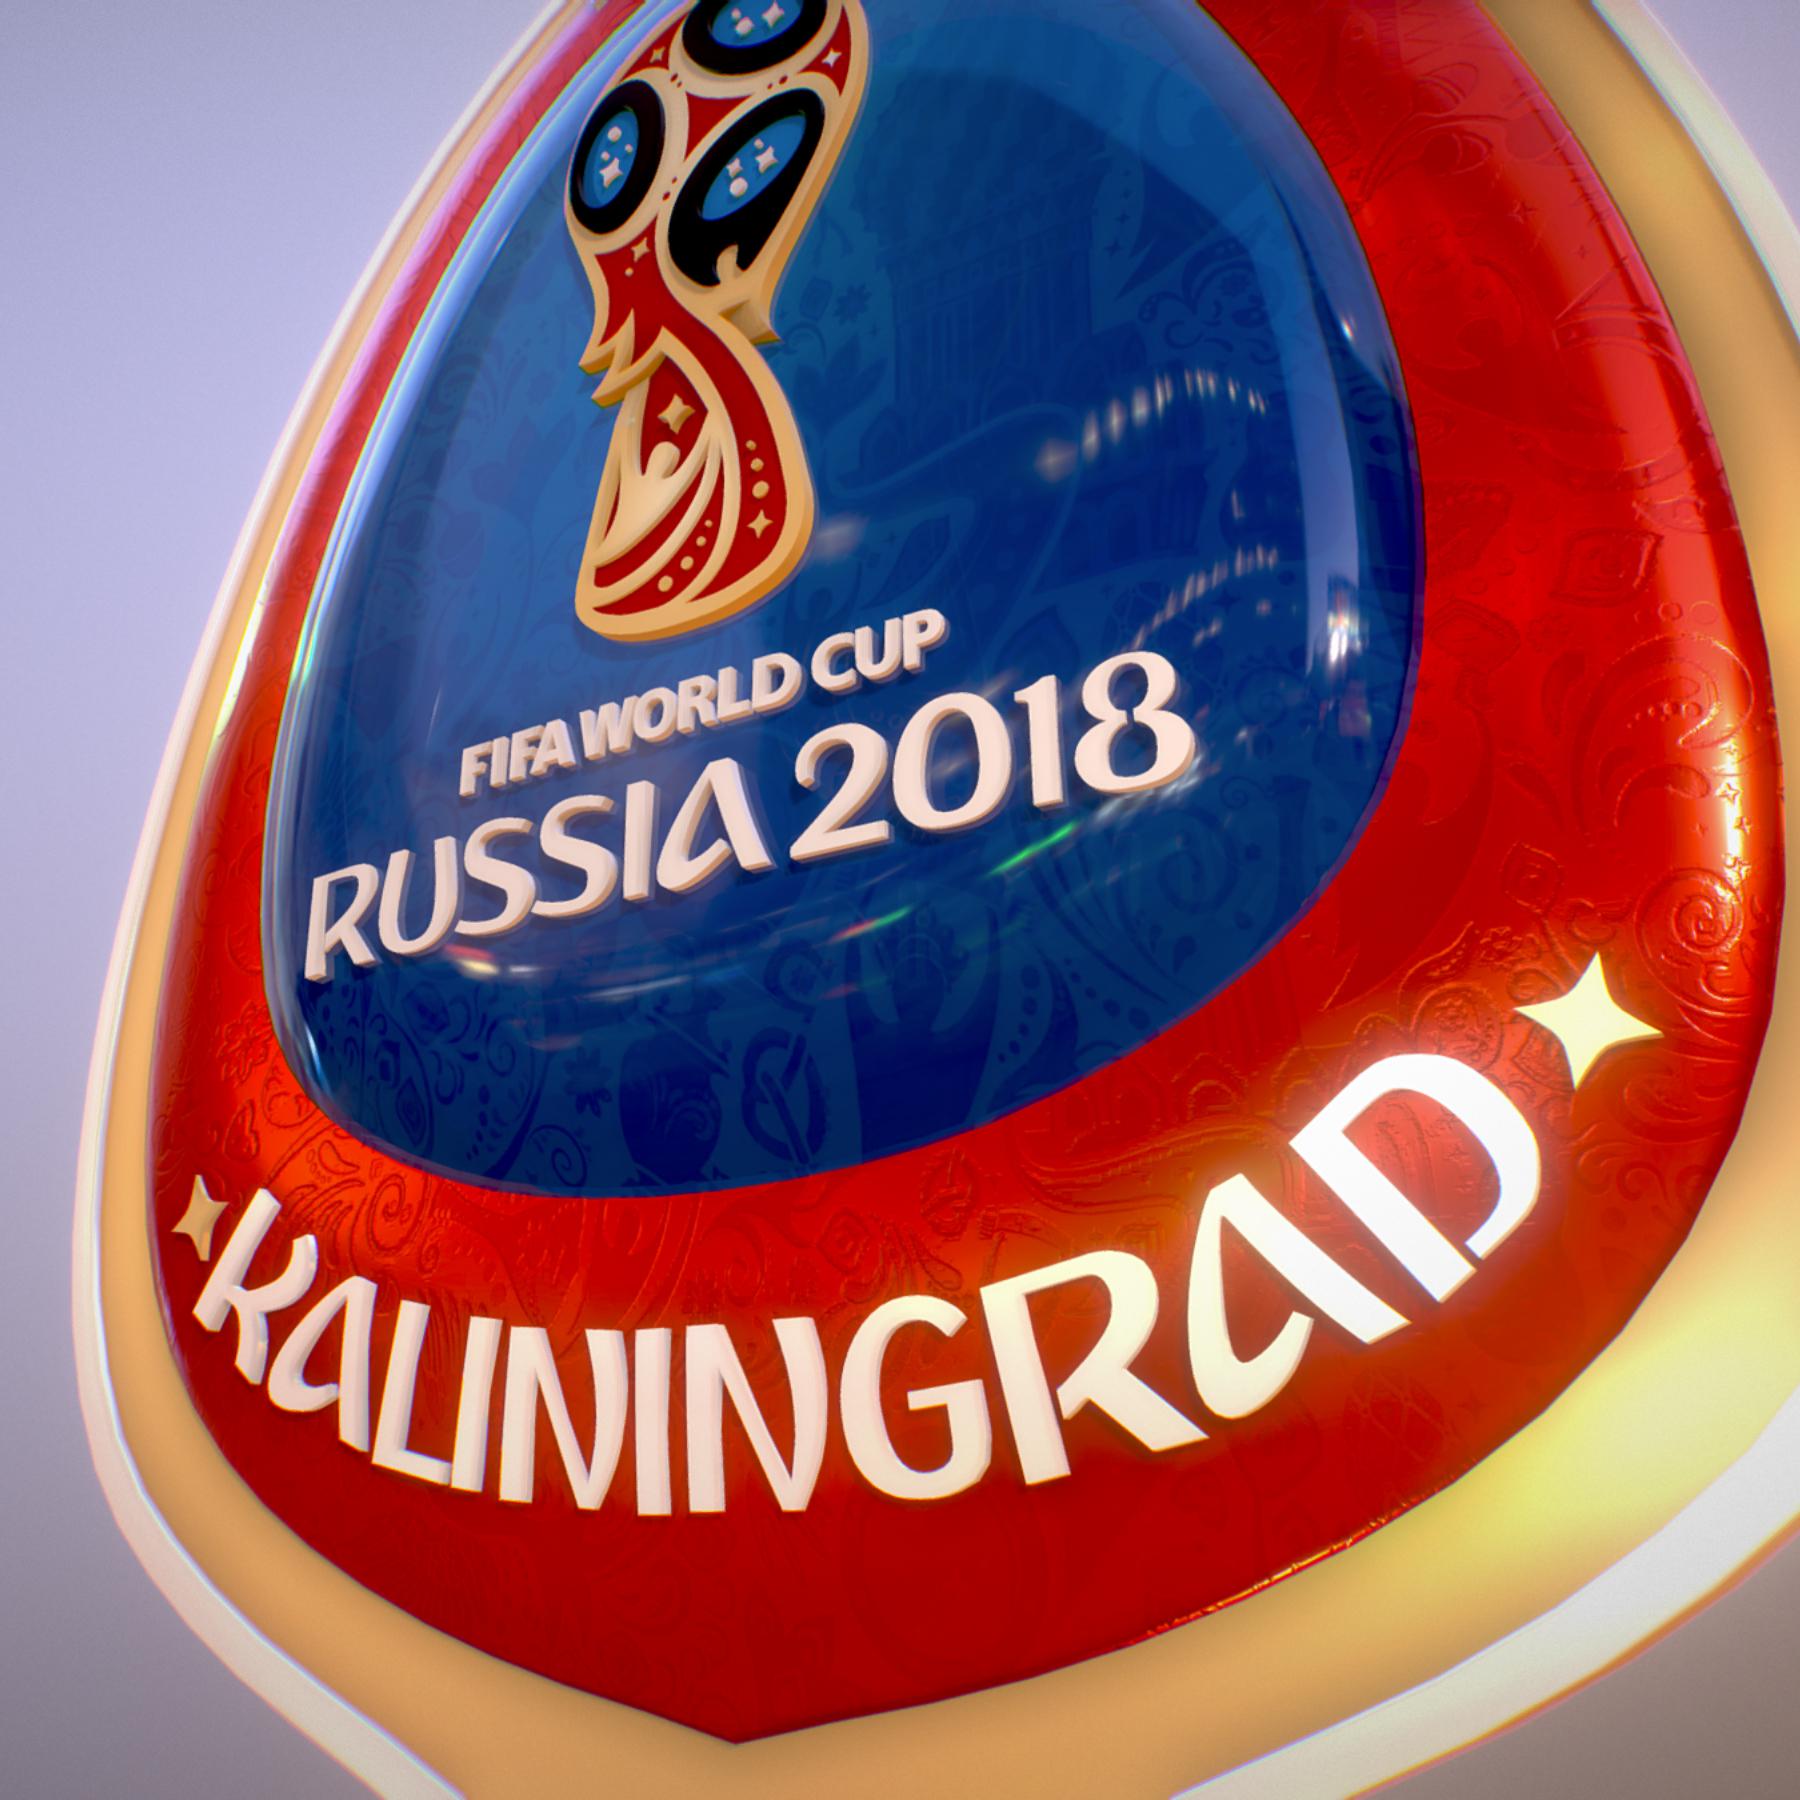 Kaliningrad City World Cup Russia 2018 Symbol 3d model max 3ds max plugin fbx jpeg ma mb obj 271765